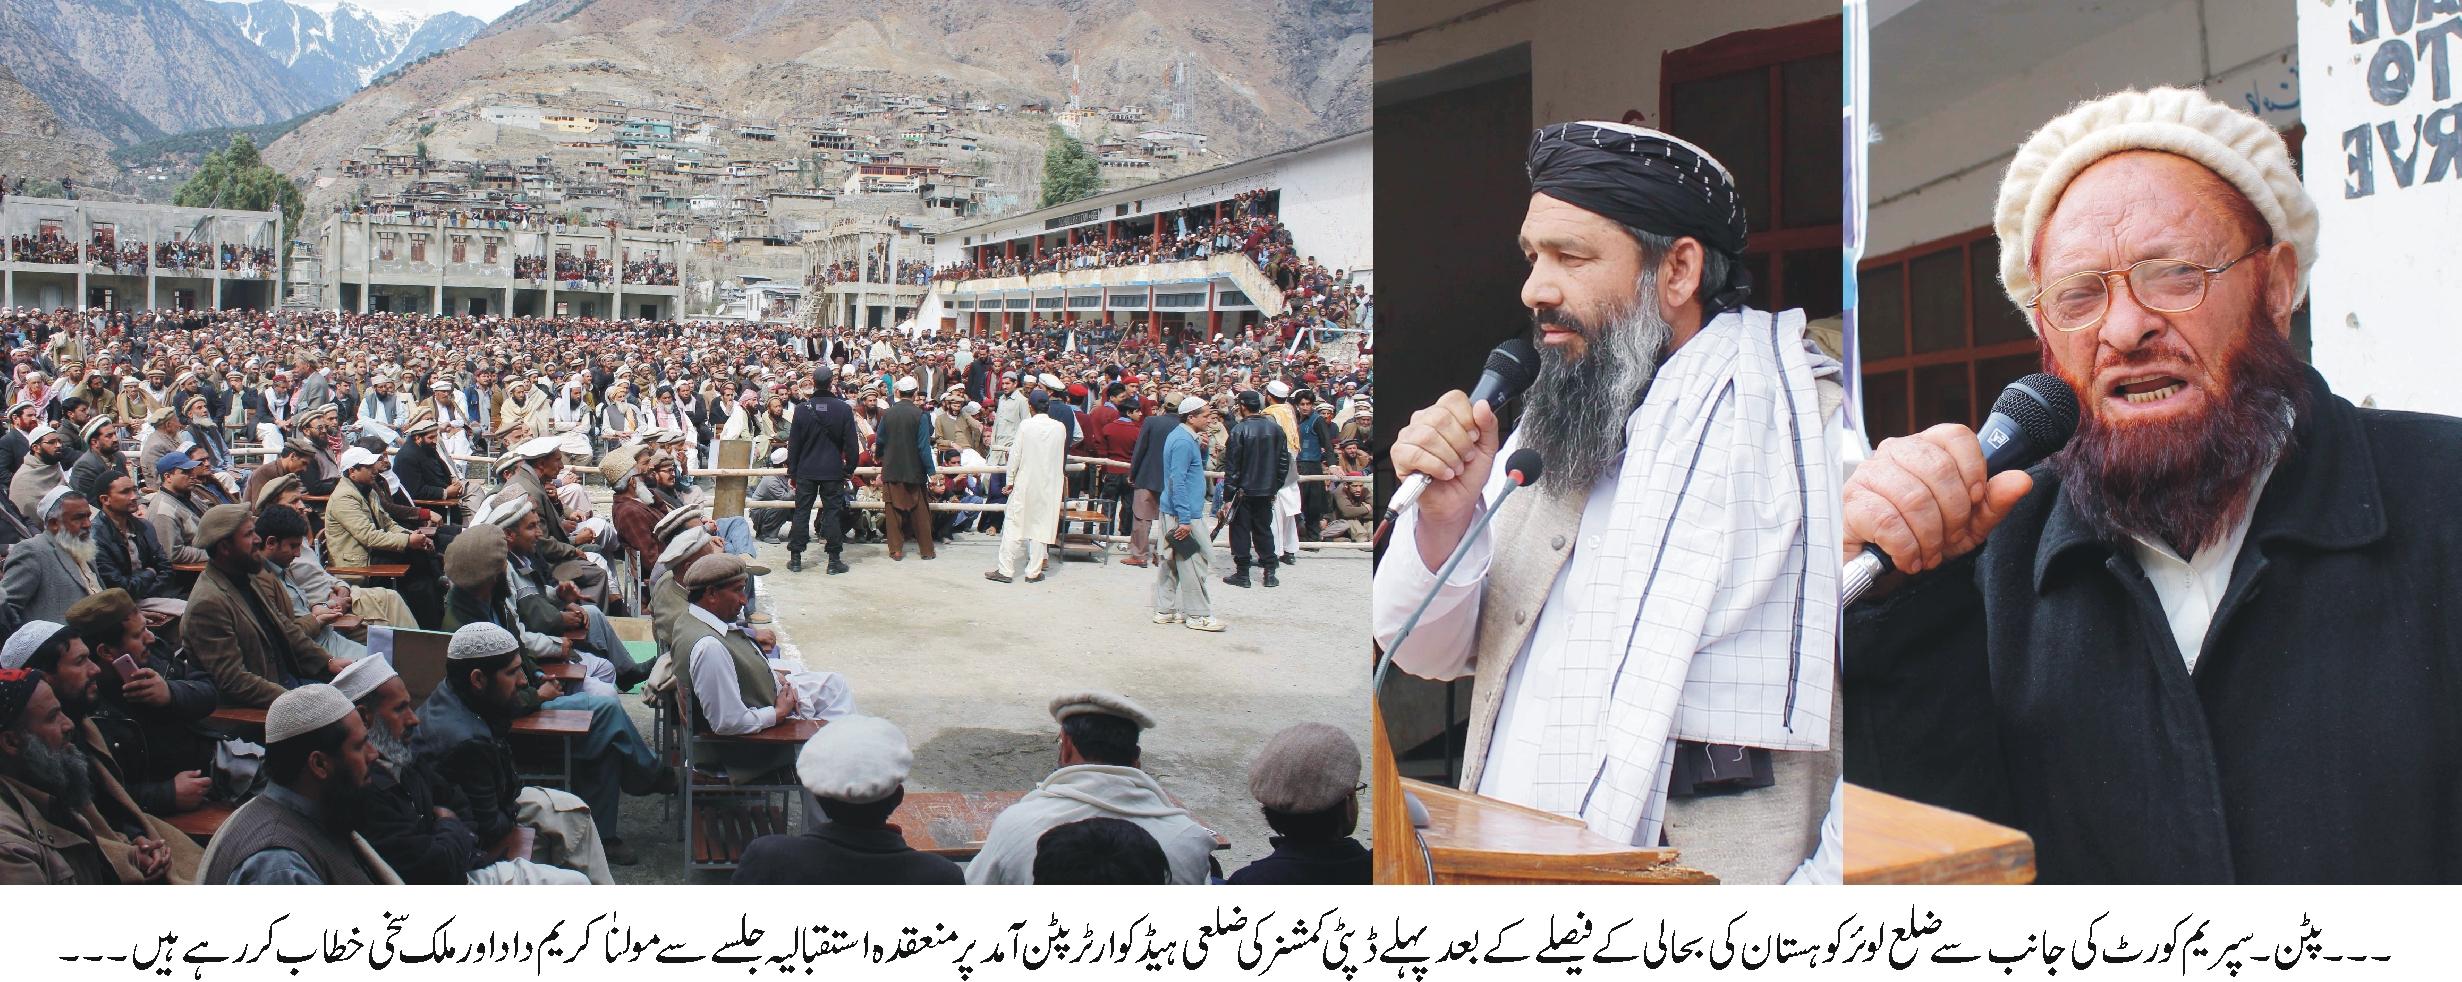 کوہستان: ضلع لوئر کوہستان کی بحالی کے فیصلے کے بعد ڈپٹی کمشنر کی ضلعی ہیڈکوارٹر پٹن آمد پرشہریوں کی جانب سے فقیدالمثال استقبال کیا گیا